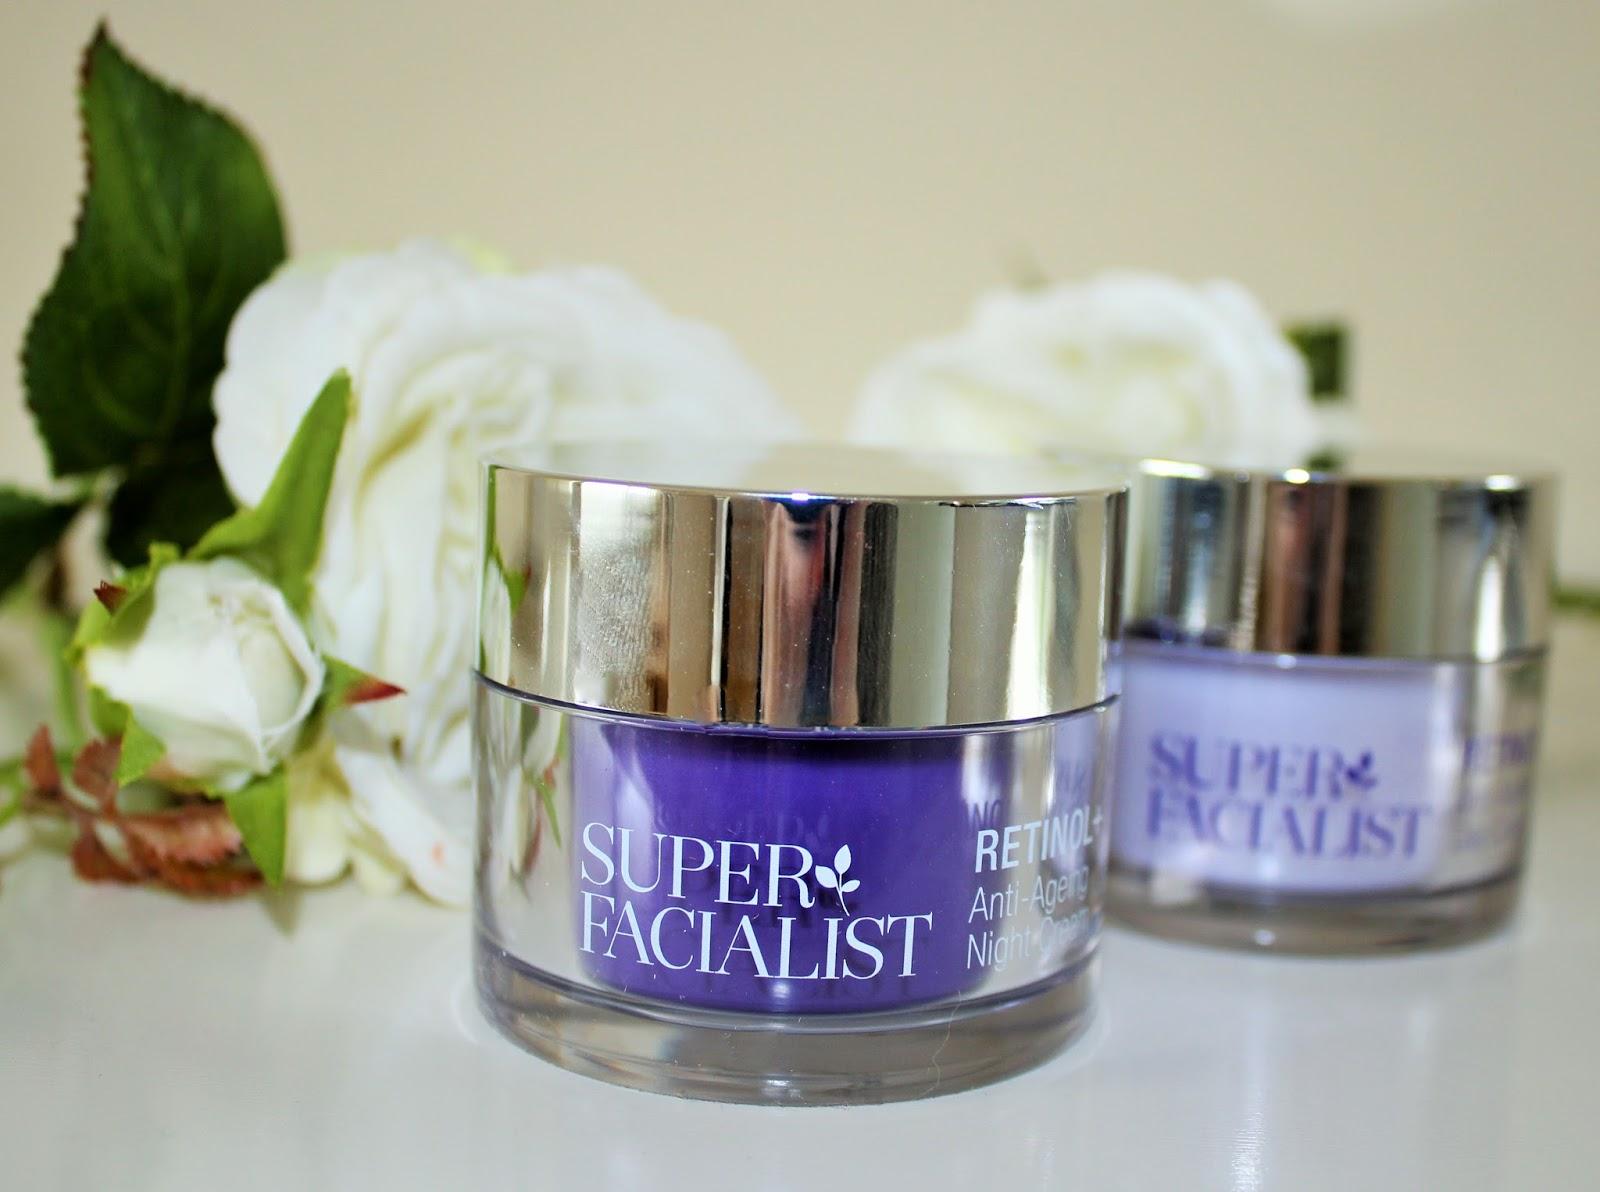 Super Facialist Retinol+ Anti-Ageing Skincare Range - 2